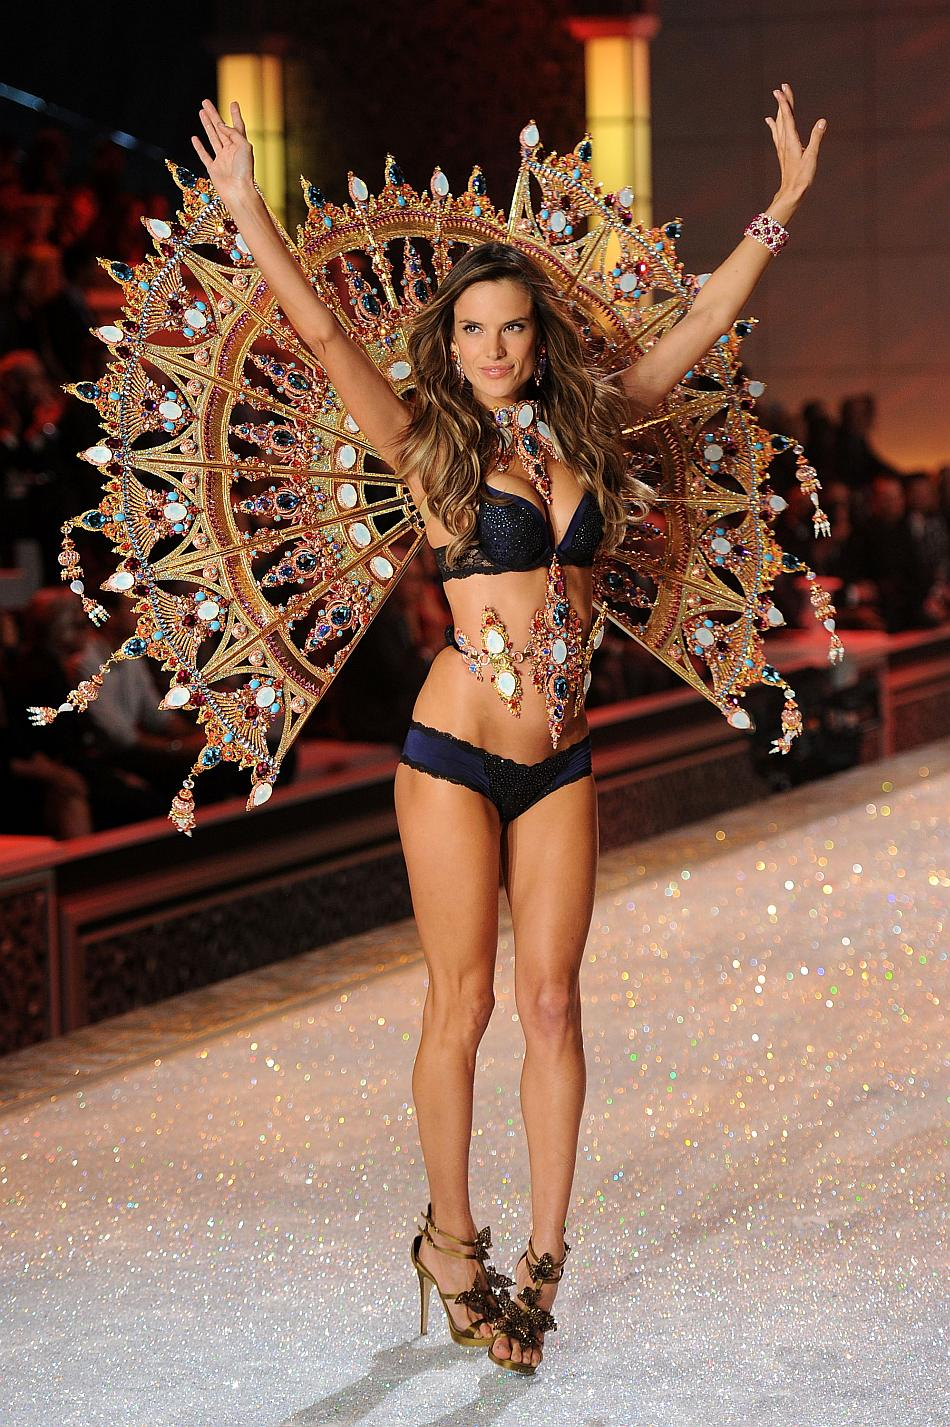 Victoria secrets fashion show pictures 8